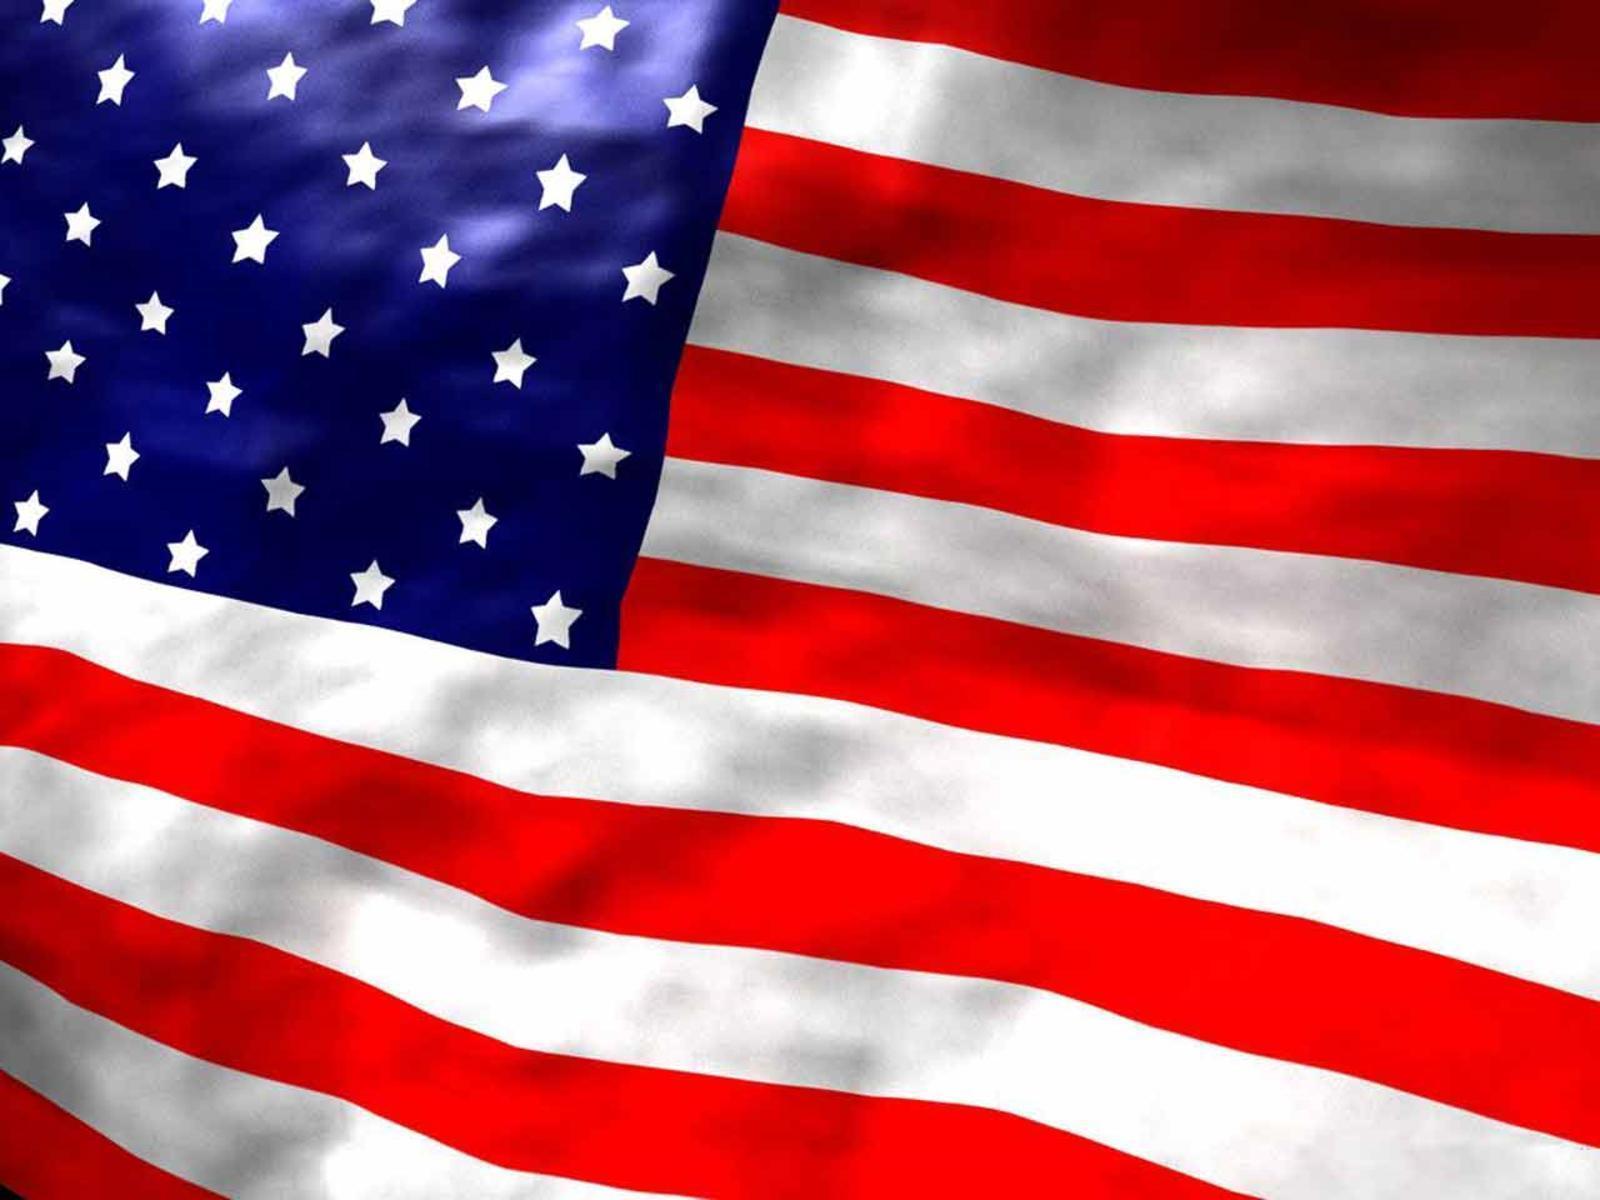 flag desktop background - photo #45